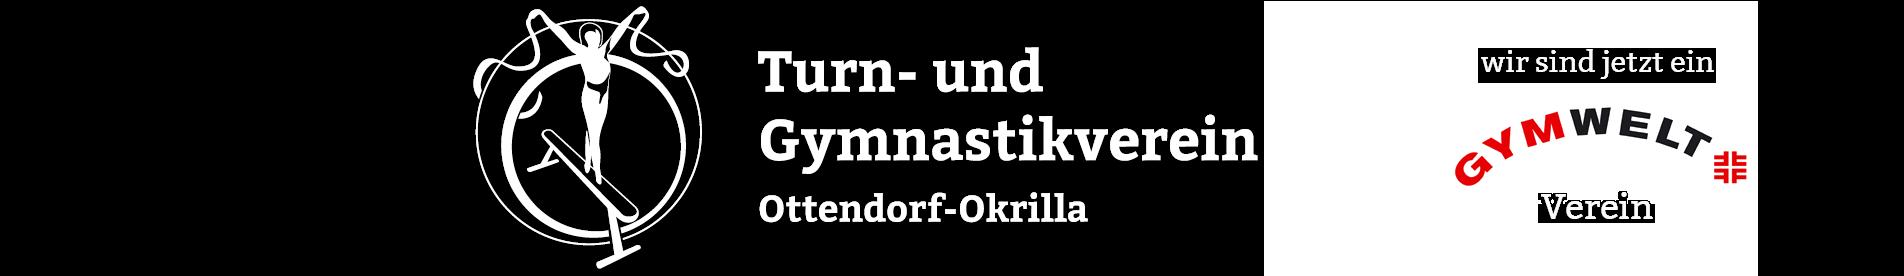 TUG Ottendorf-Okrilla